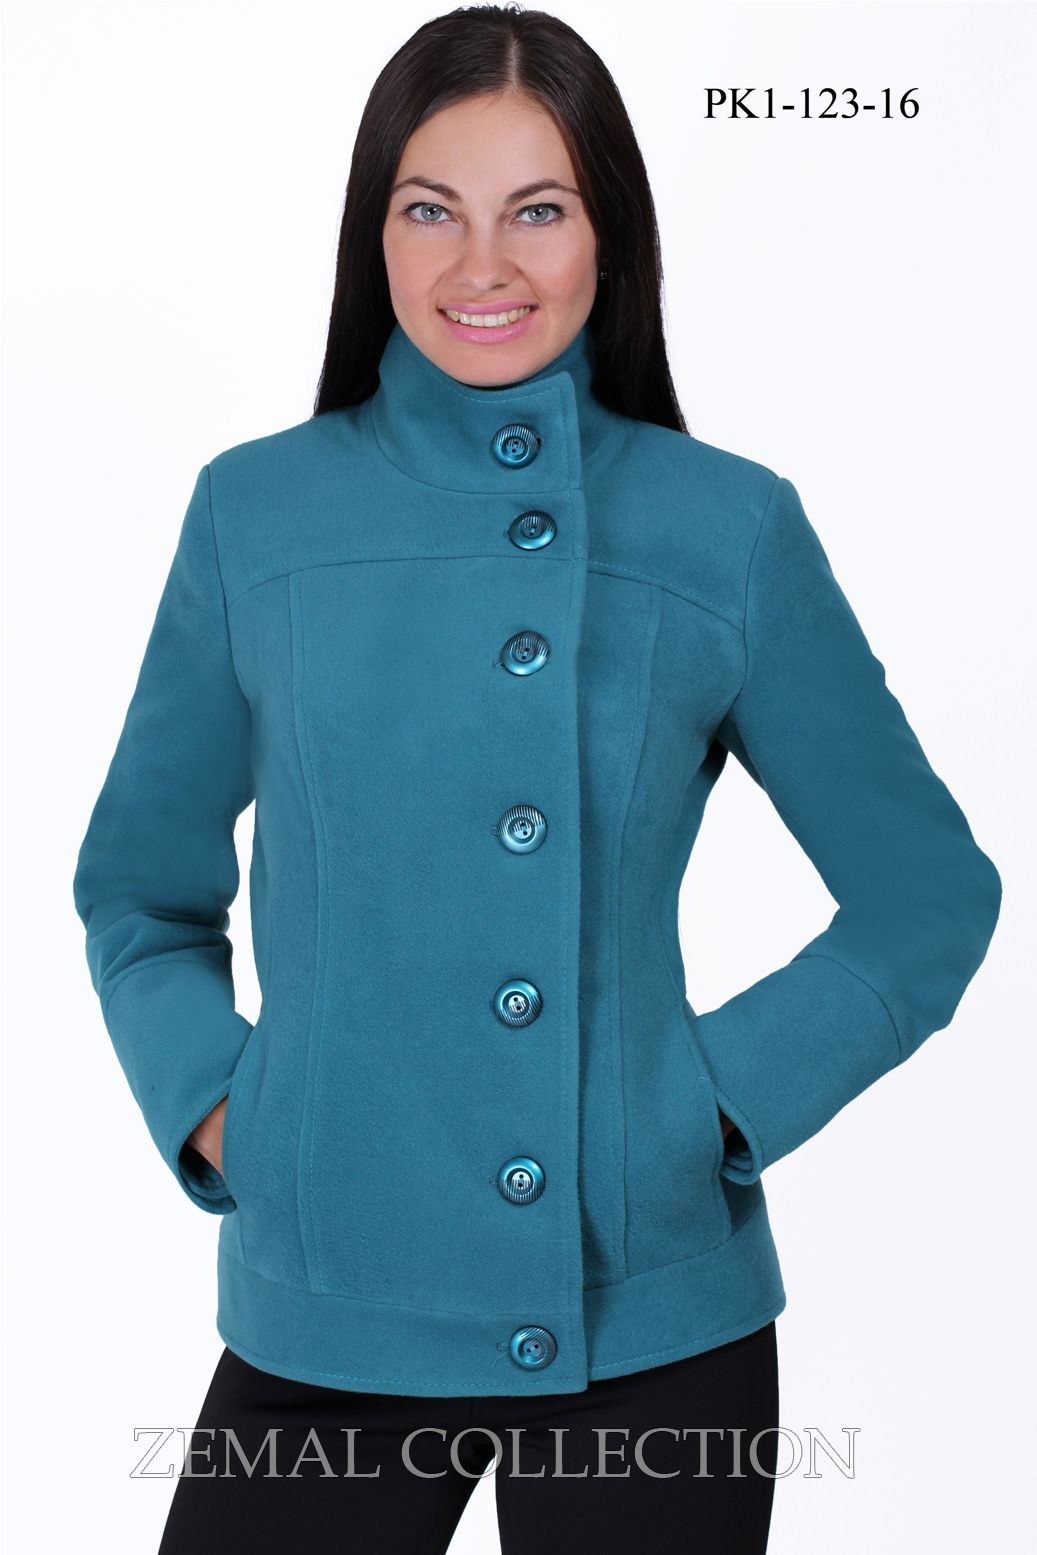 Пальто pk1-123 купить на сайте производителя